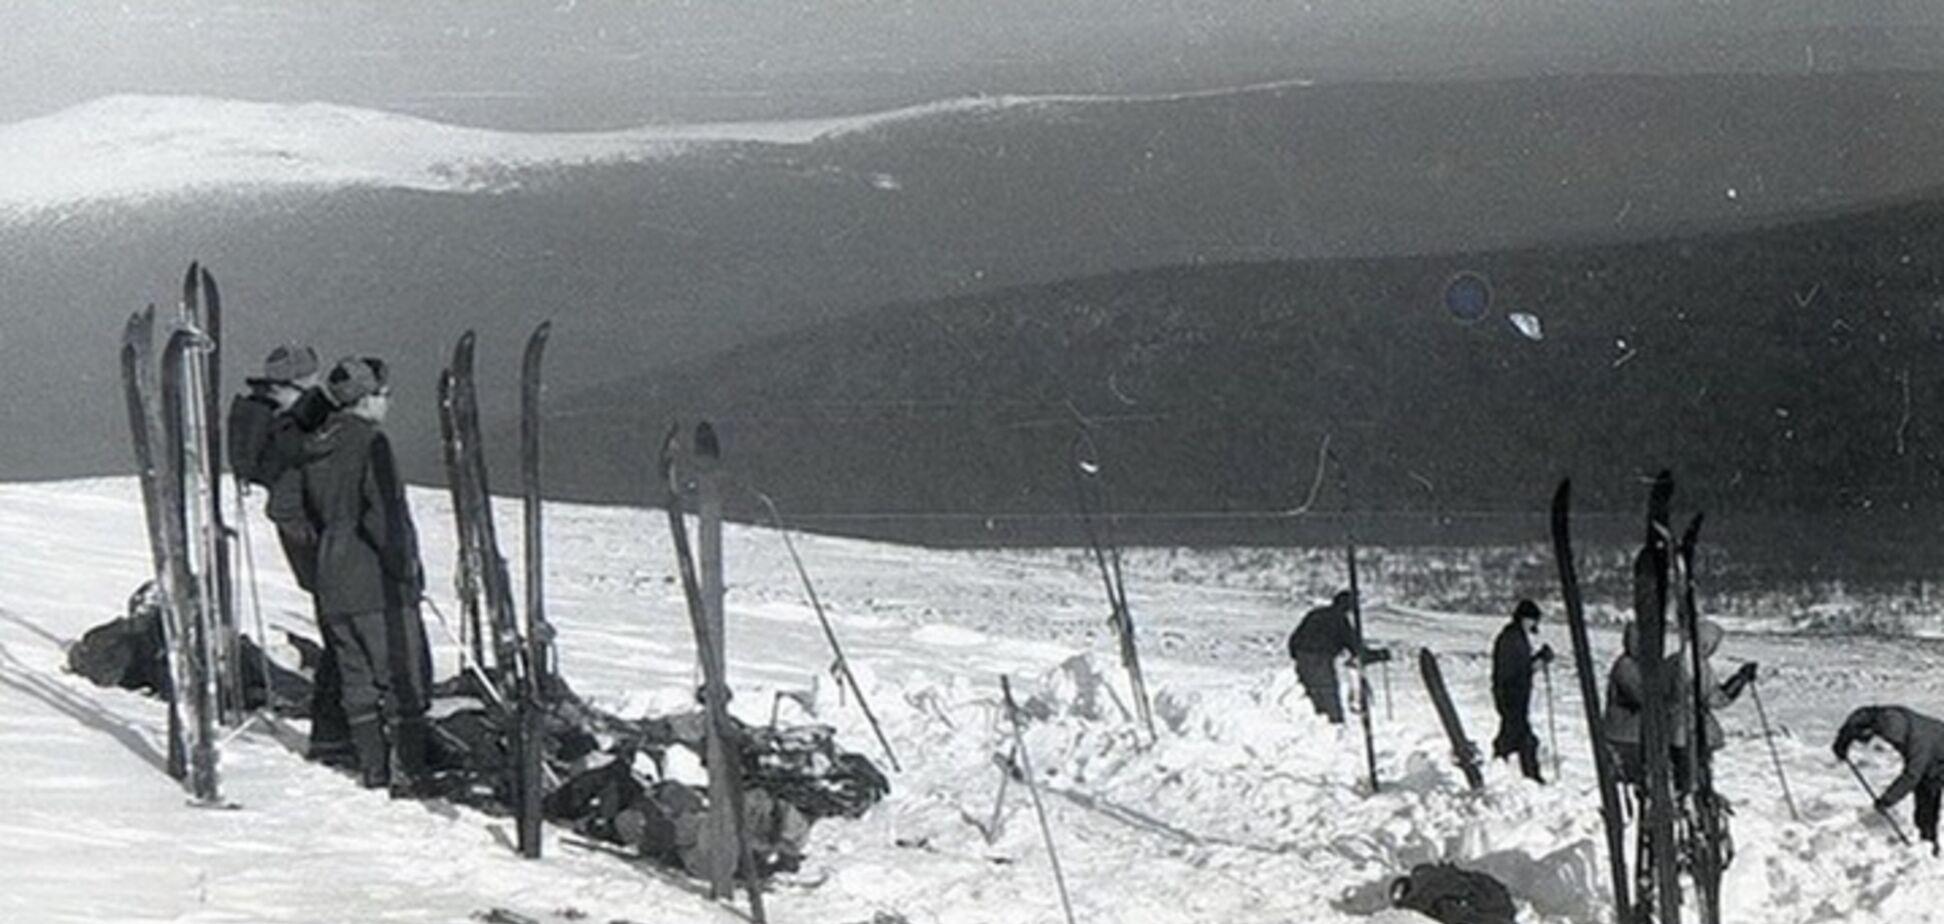 Напали зеки-втікачі: з'явилася несподівана версія трагедії на перевалі Дятлова